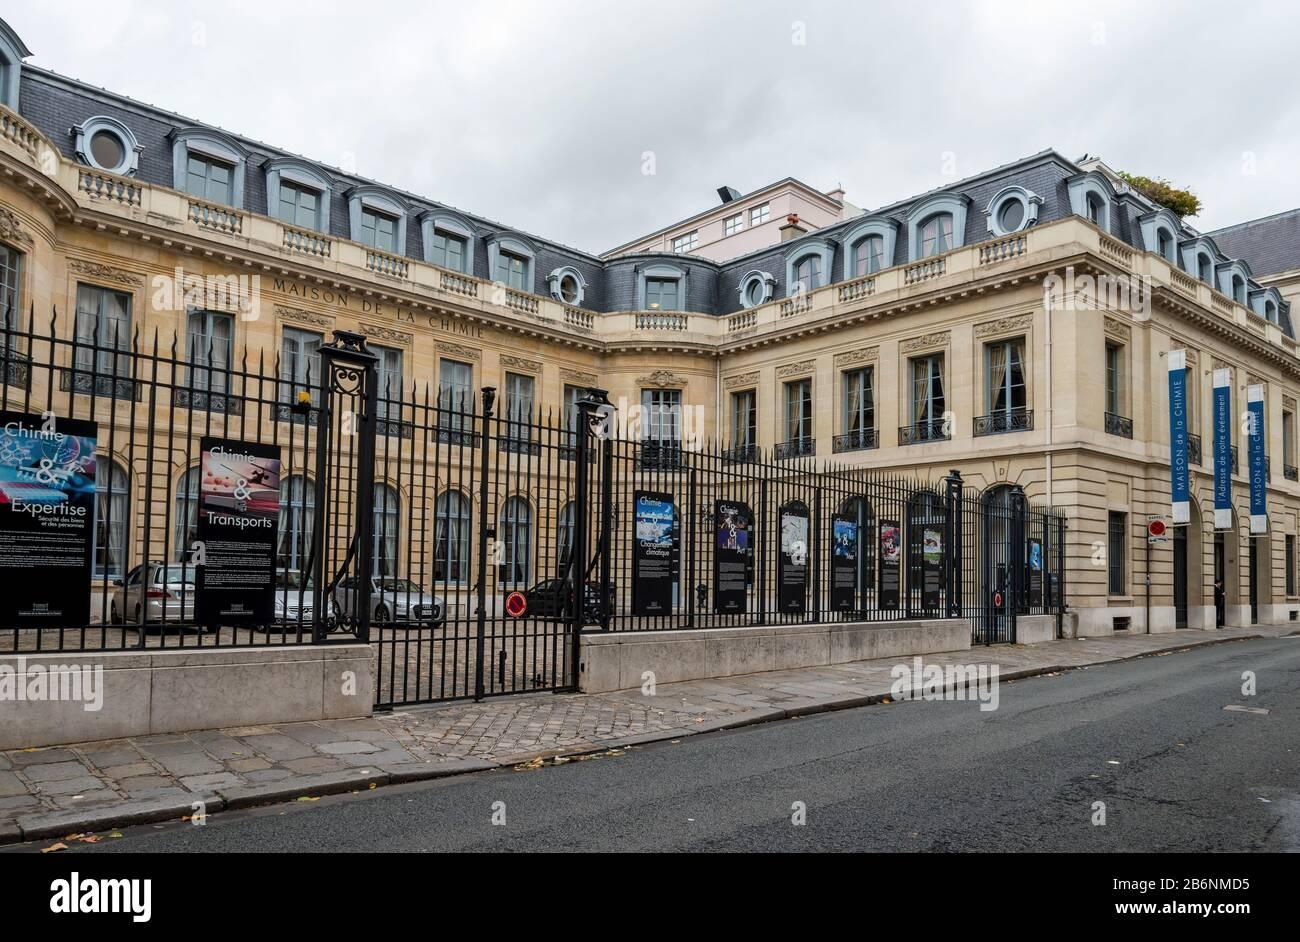 Entrance Gate And Fence At Maison De La Chimie Foundation Paris France Stock Photo Alamy